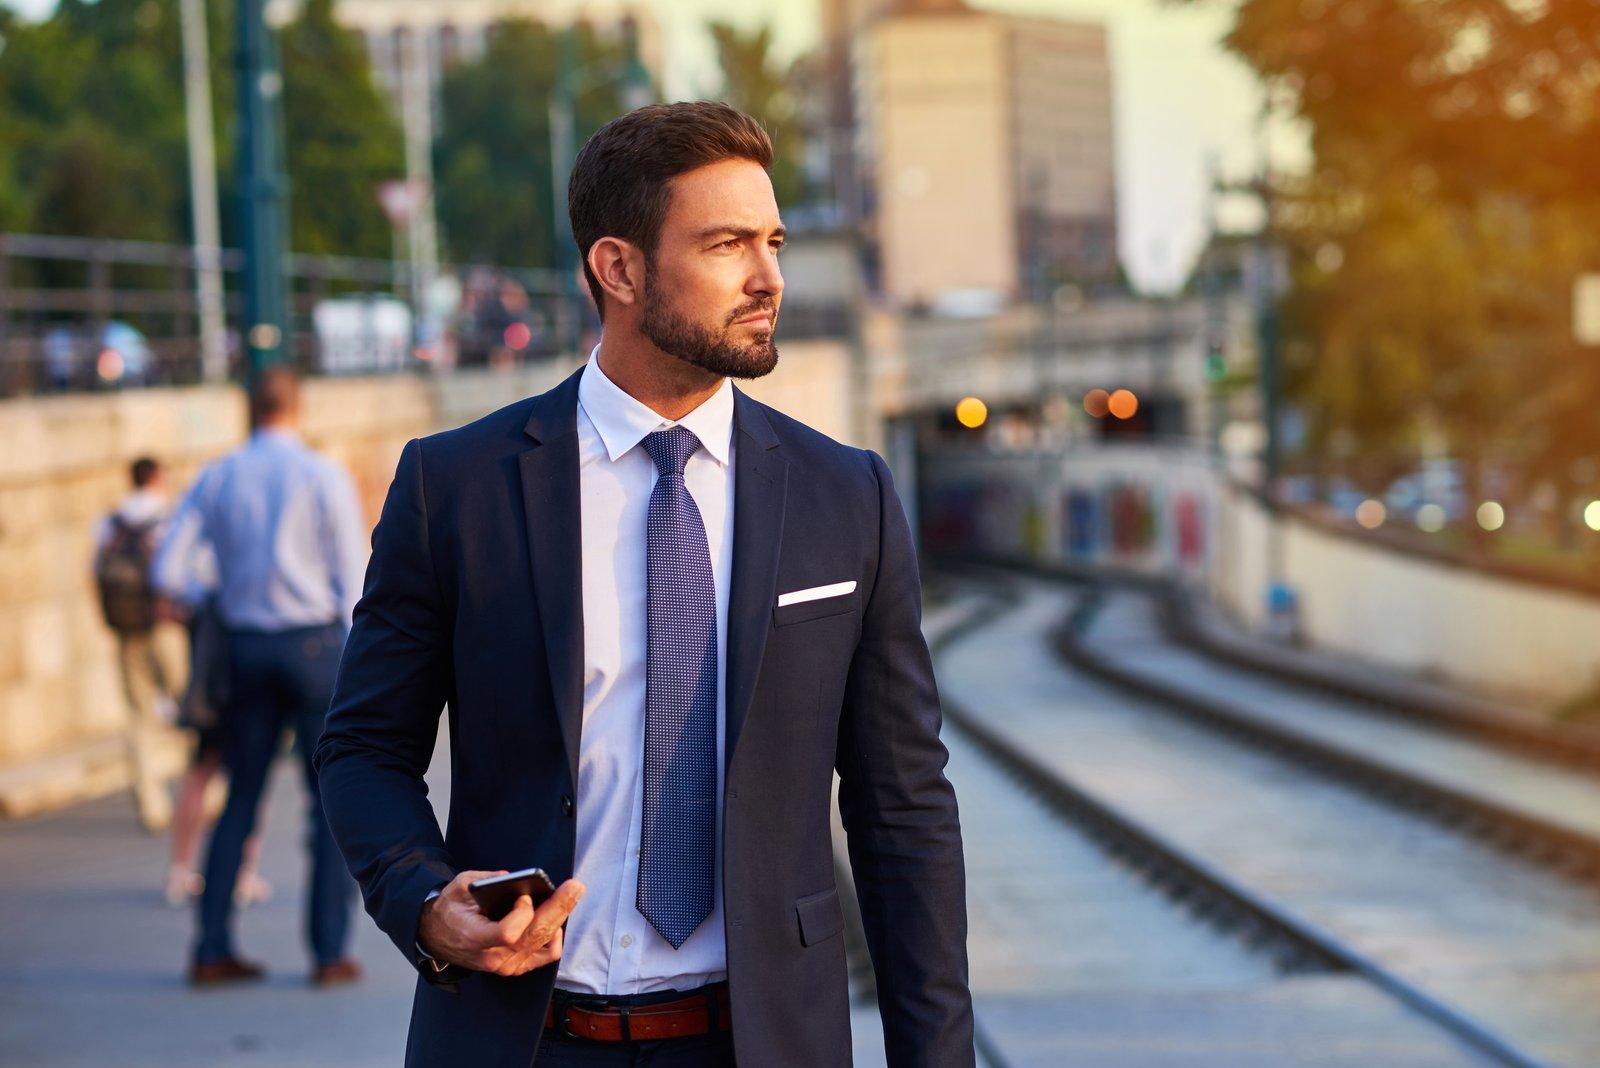 Długość krawata: dokąd powinien sięgać zawiązany krawat?